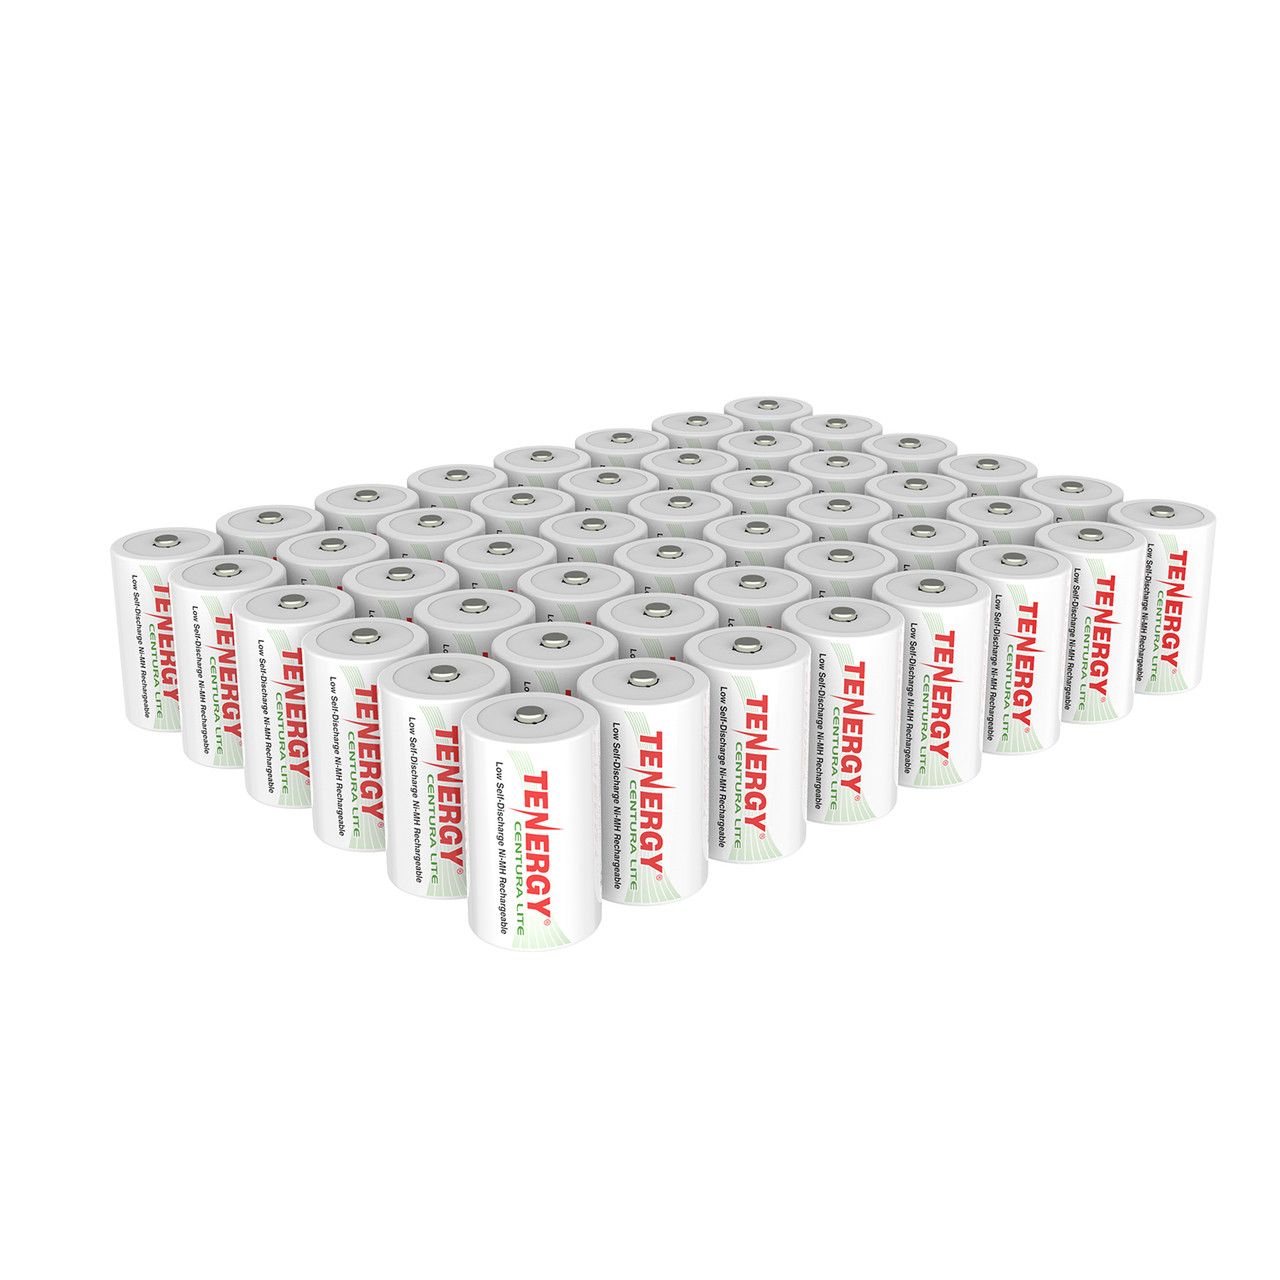 48pcs Tenergy Centura Lite NiMH D 1.2V 3000mAh Rechargeable Batteries